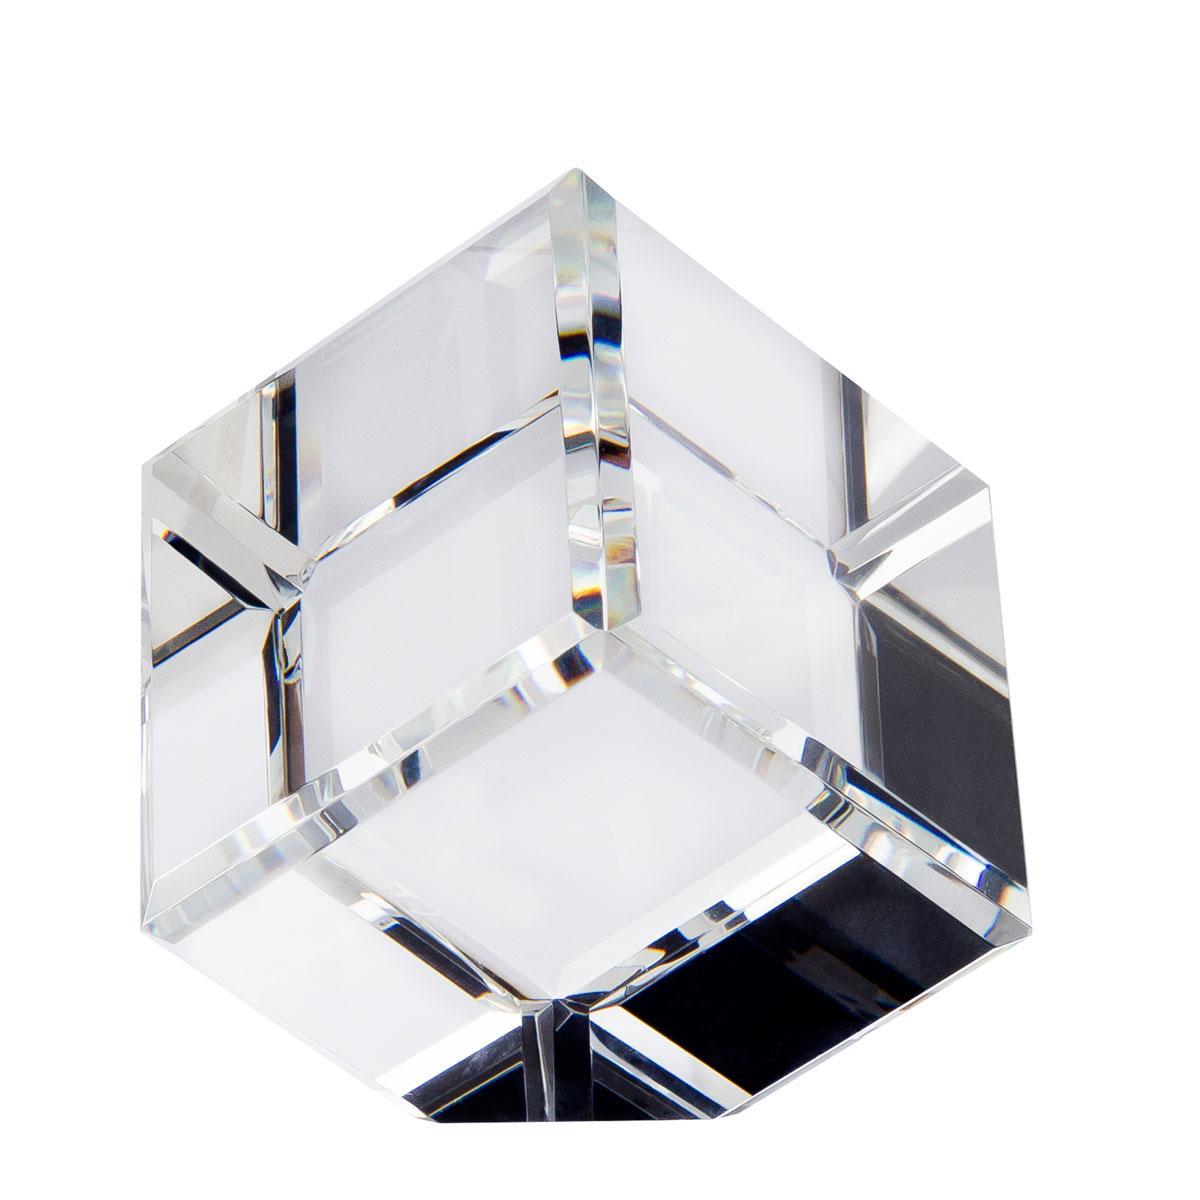 Orrefors Crystal, Iconic Mini Award